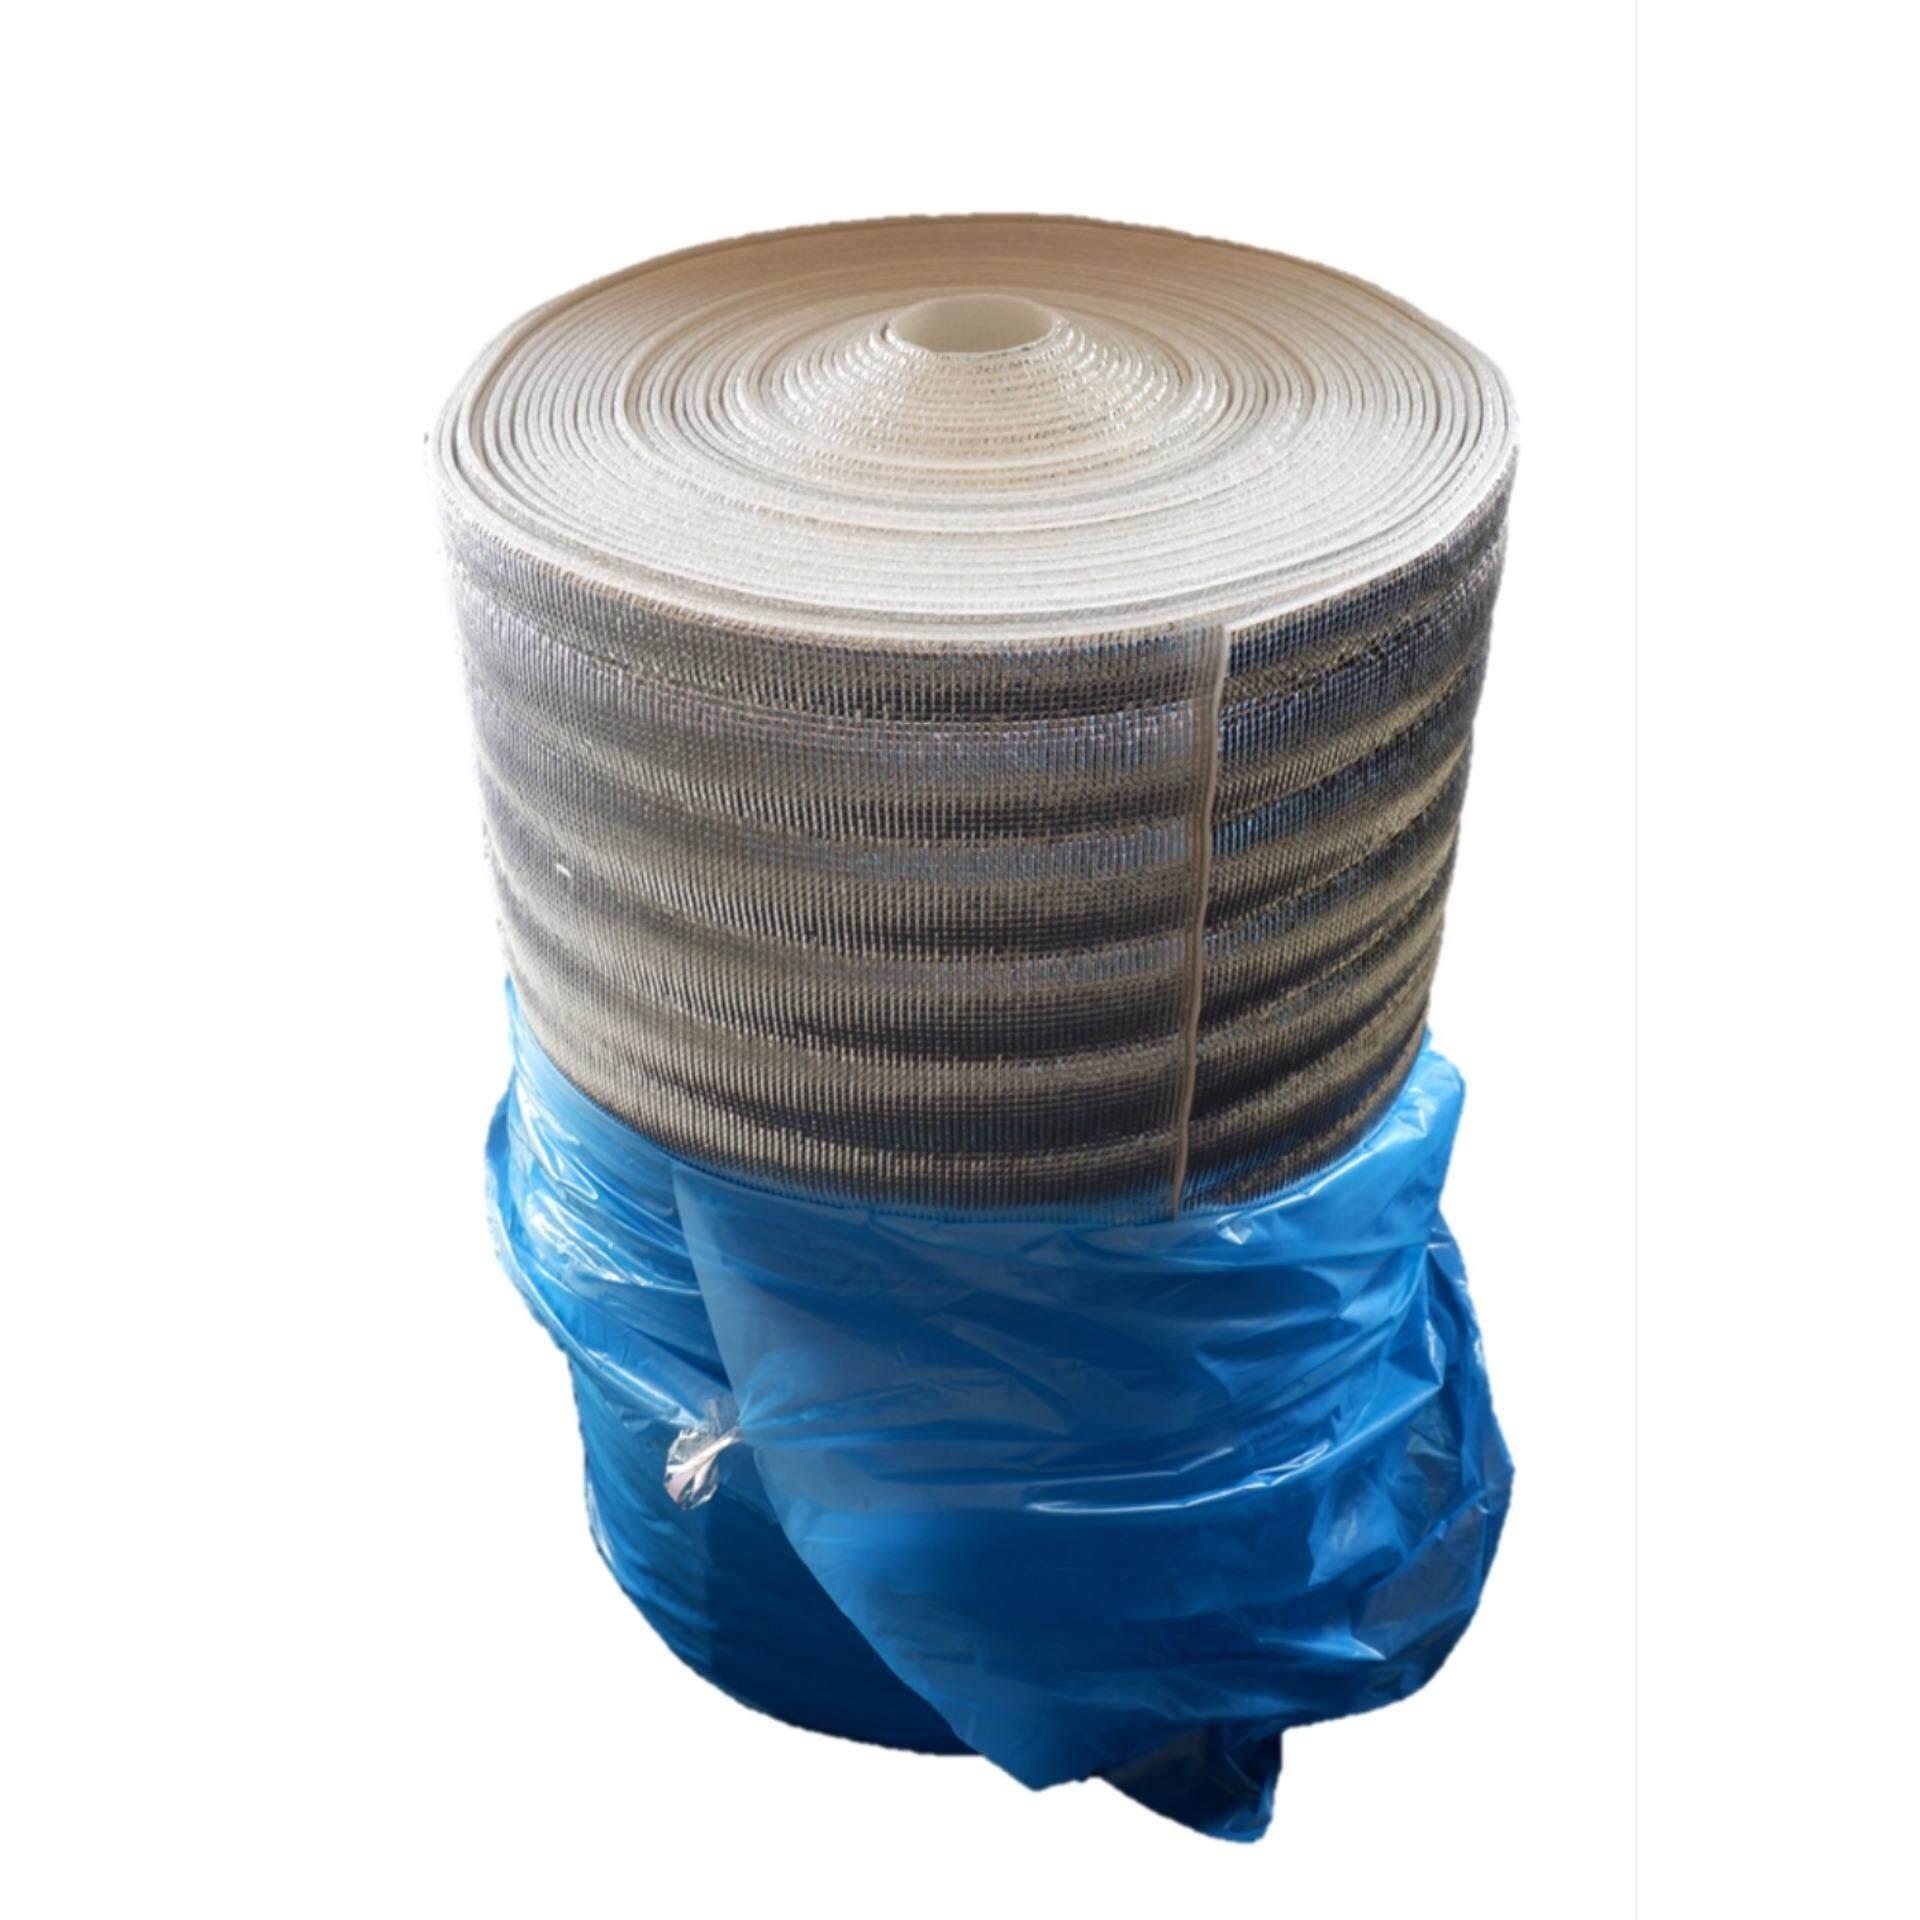 ฉนวนกันความร้อน PE เคลือบฟอยล์ลดความร้อน หนา 5mm กว้าง 90cm ยาว 40m( ส่งฟรีKerry )แผ่นฉนวนกันความร้อน เก็บความเย็น แผ่นโฟมเคลือบฟอยล์ PE(Polyethylene) ขนาด 5mm x 90cm x 40m